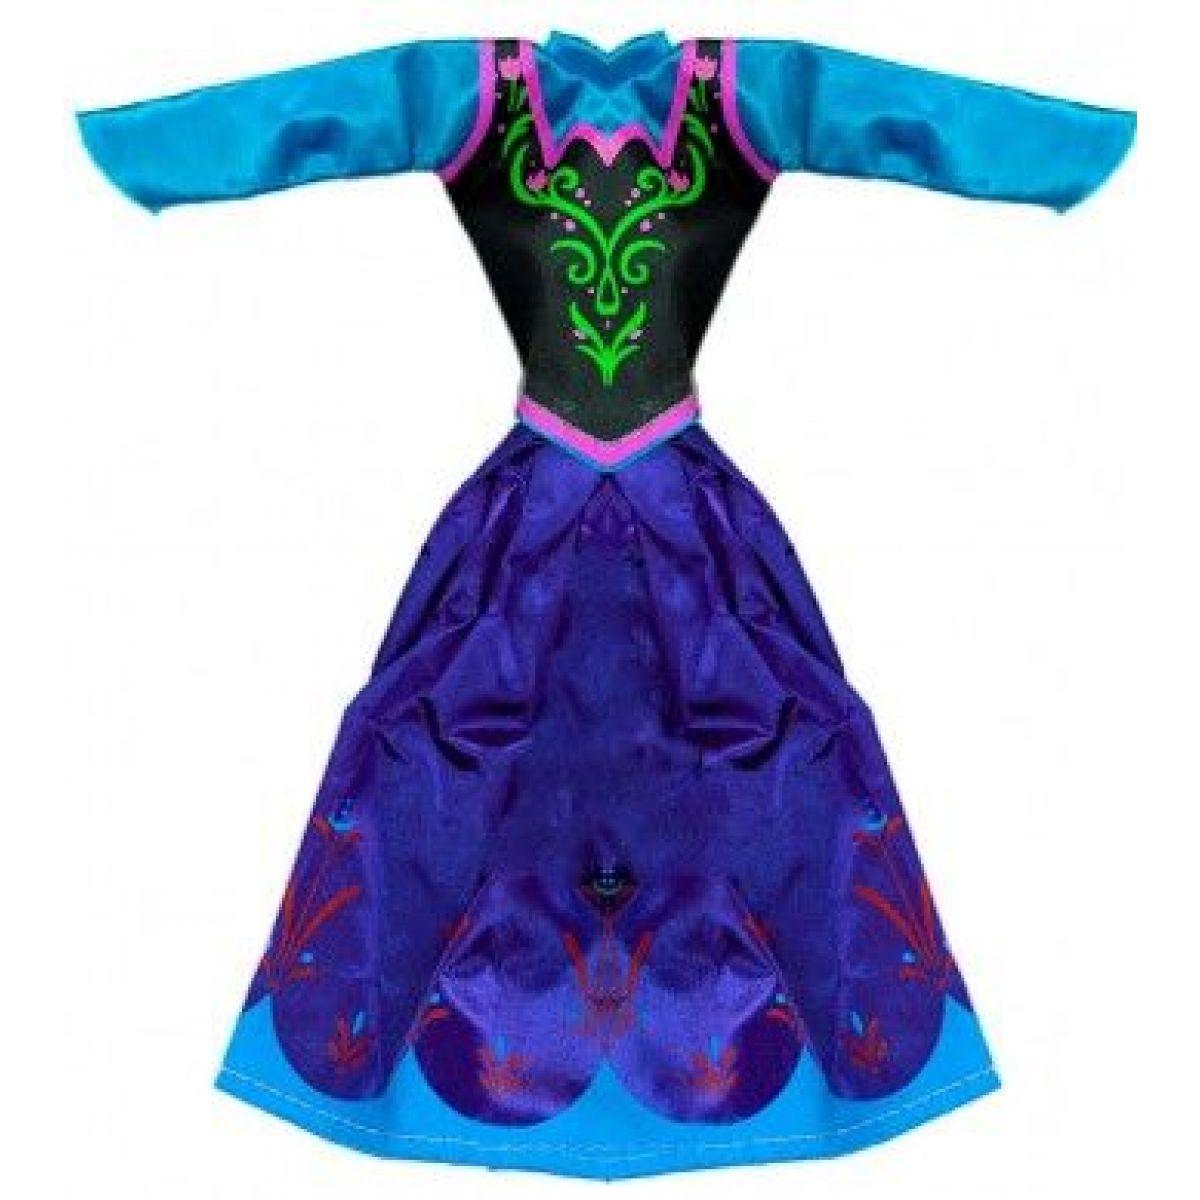 Rappa oblečenie pre bábiku zimné kráľovstvo tmavo modré